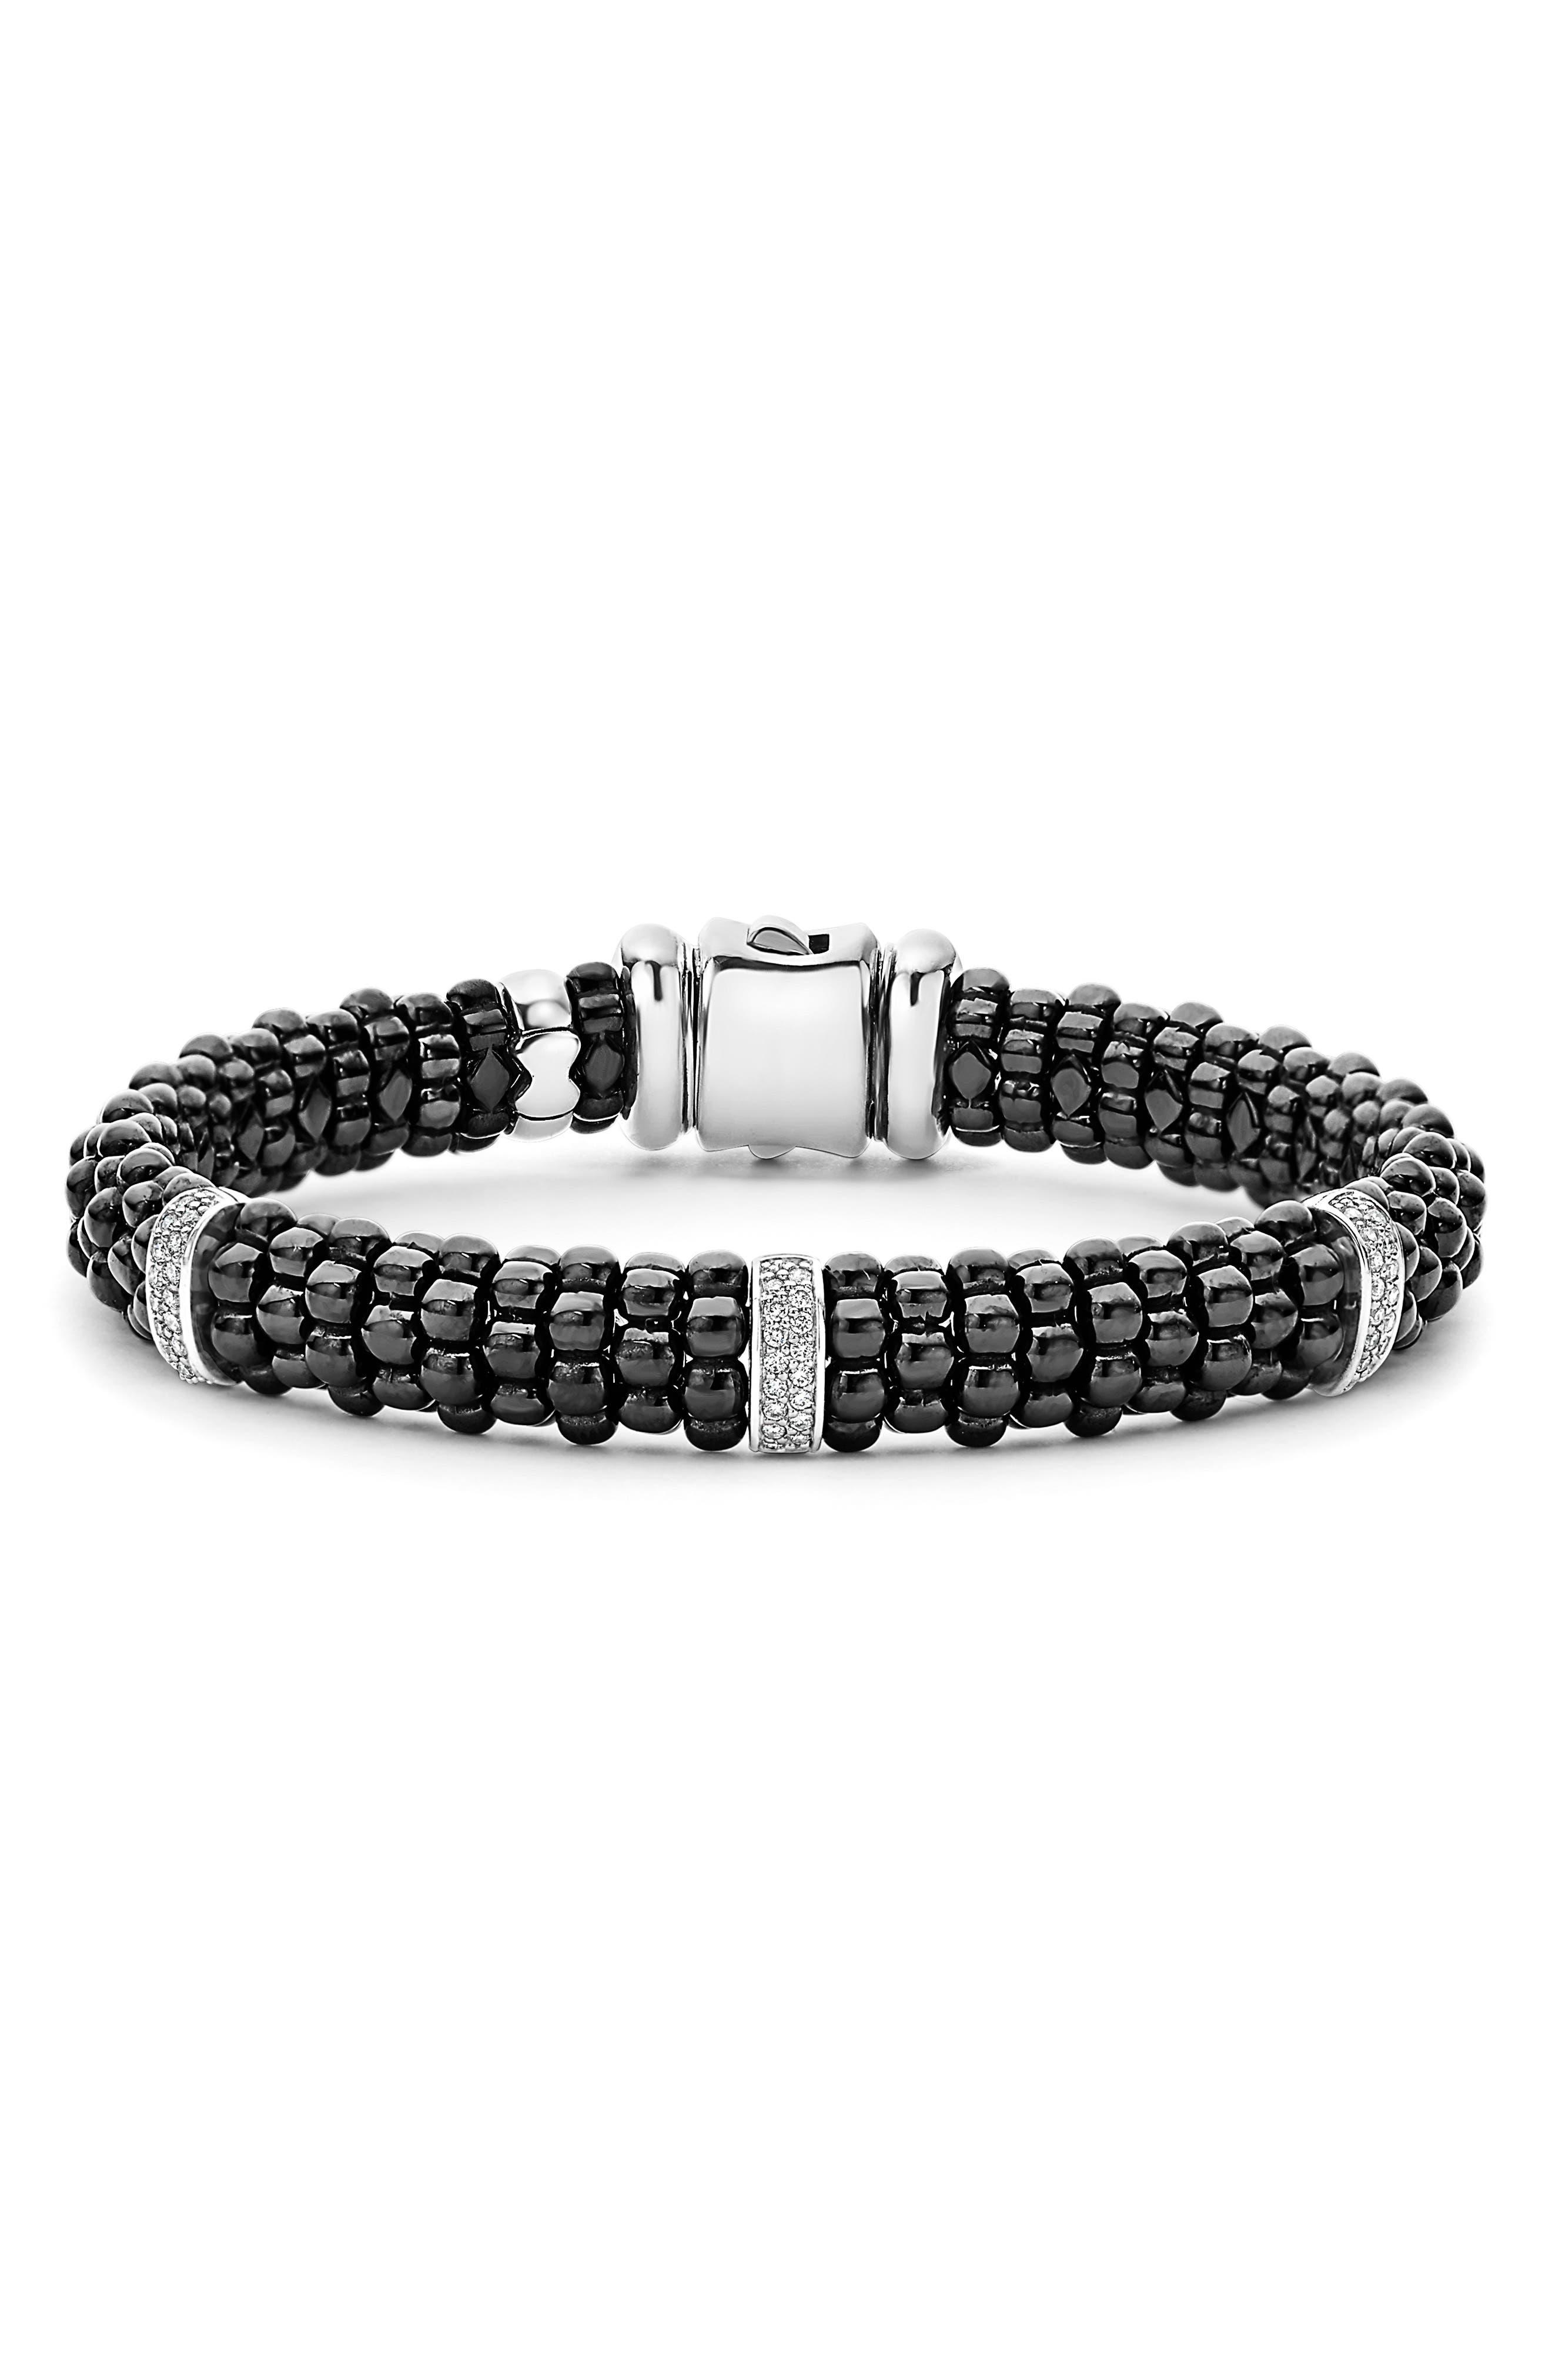 Black Caviar Diamond Bracelet,                             Main thumbnail 1, color,                             BLACK/ SILVER